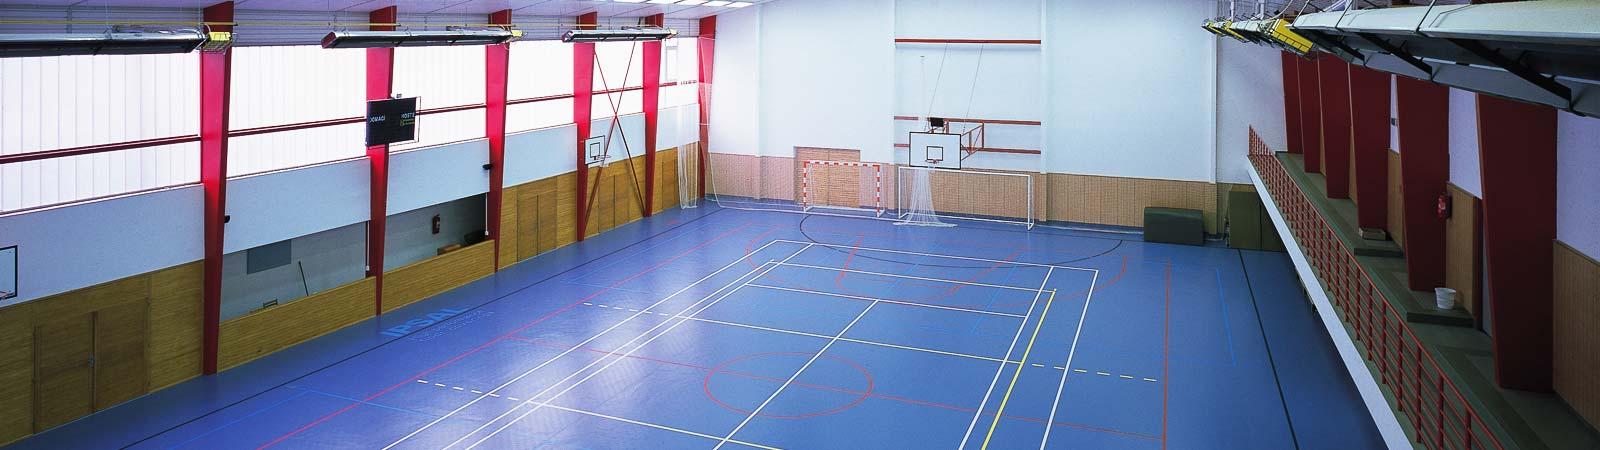 Sportovní centrum Semily multifunkční komplex pro sportovní a relaxační využití